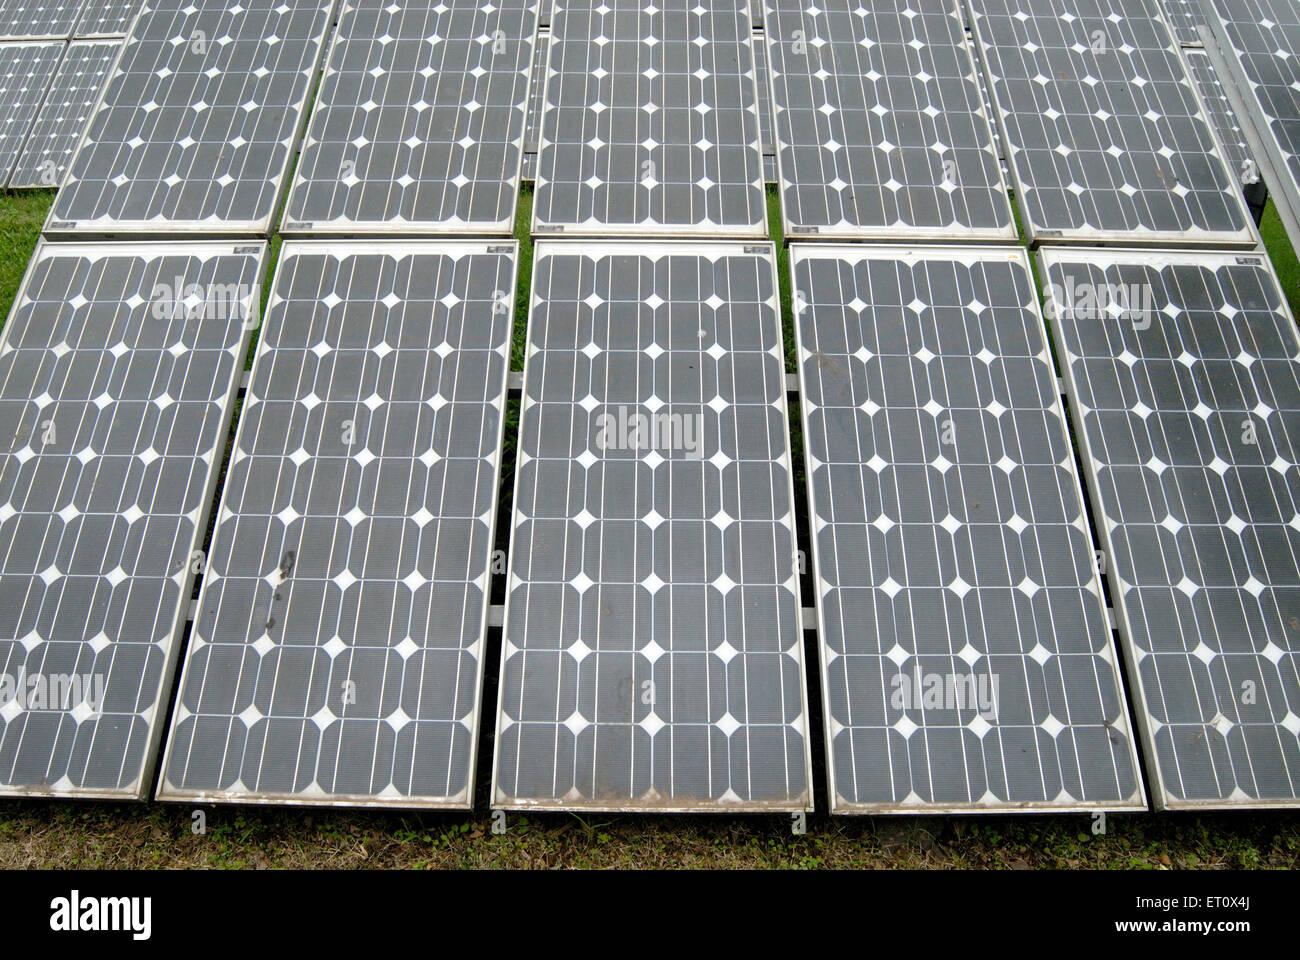 Alimentazione non convenzionale ; energia solare ; celle fotovoltaiche a Peshawe parco energetico ; Pune ; Maharashtra Immagini Stock